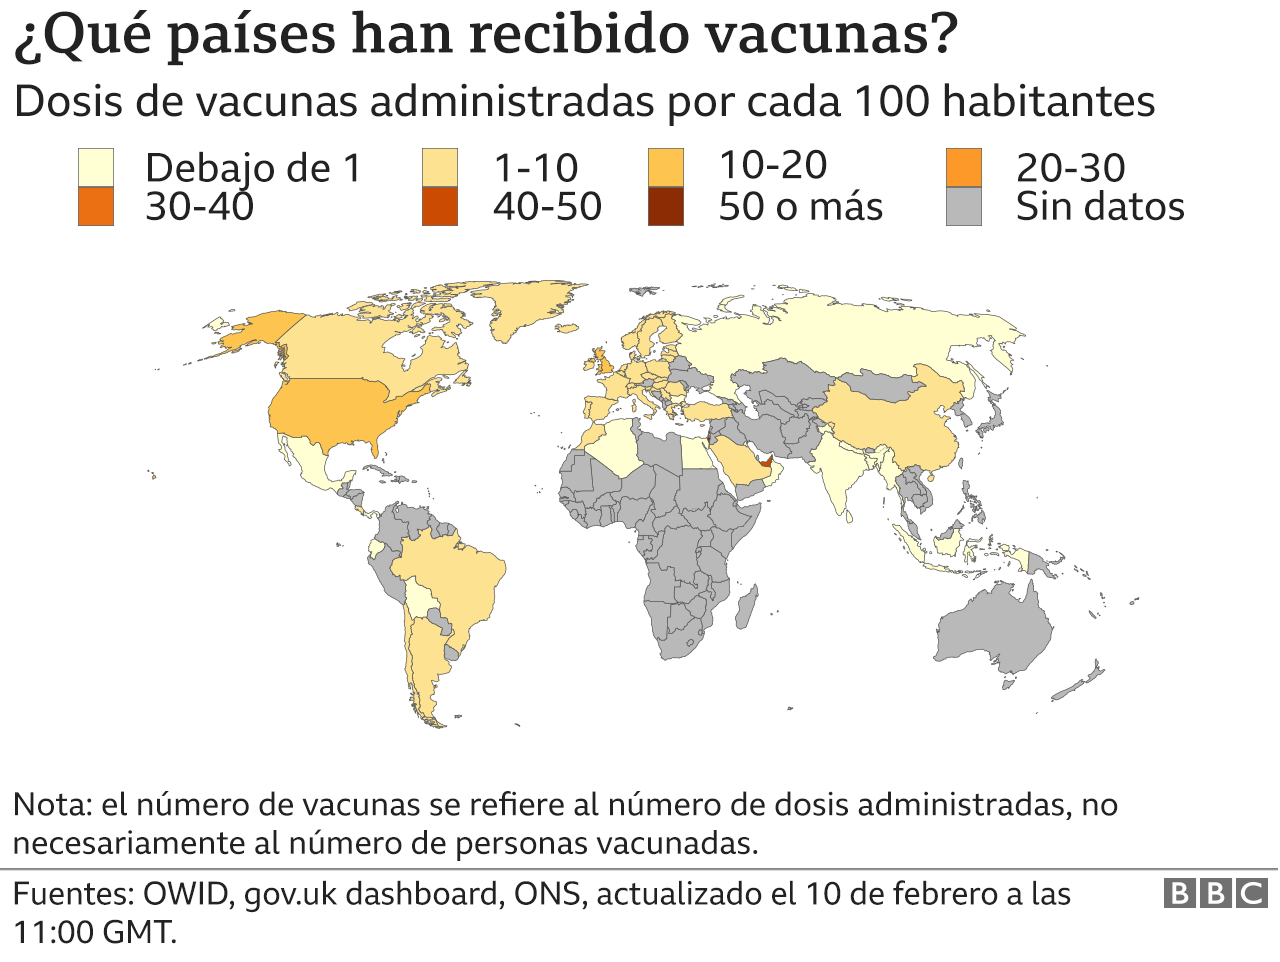 Gráfico que muestra las dosis de vacunas administradas cada 100 habitantes